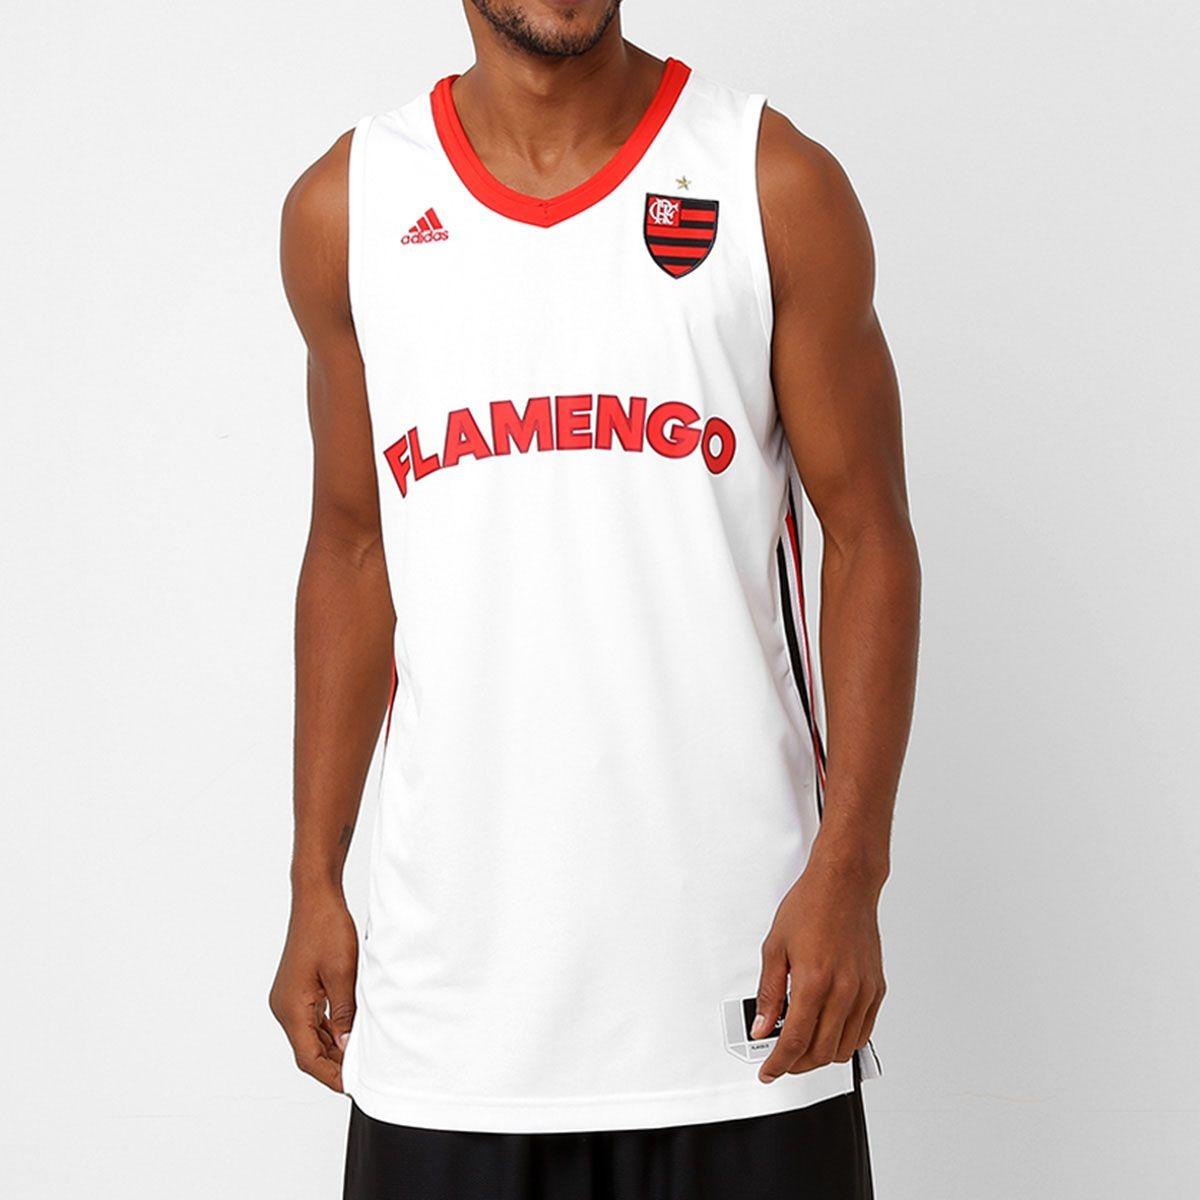 ba2661201 camisa adidas flamengo regata basquete oficial parão nba +nf. Carregando  zoom.